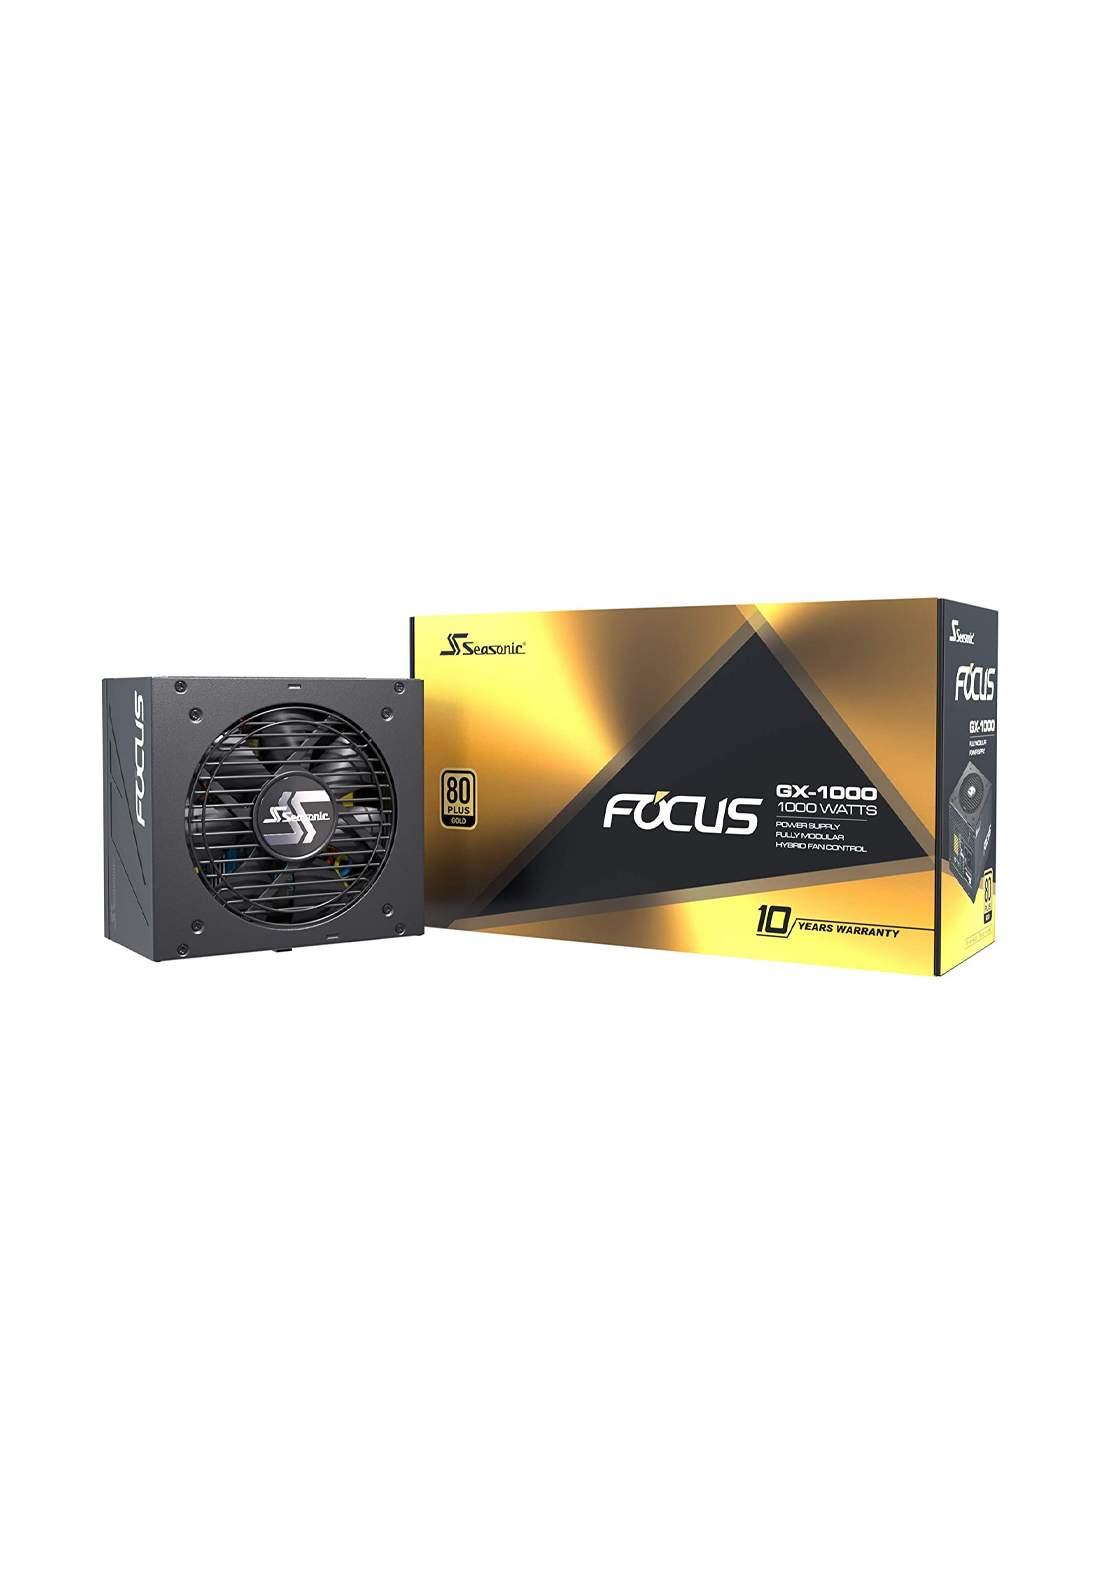 Seasonic FOCUS GX-1000 Cooler Focus Plus 550 Power Supply  - Black  مجهز قدرة